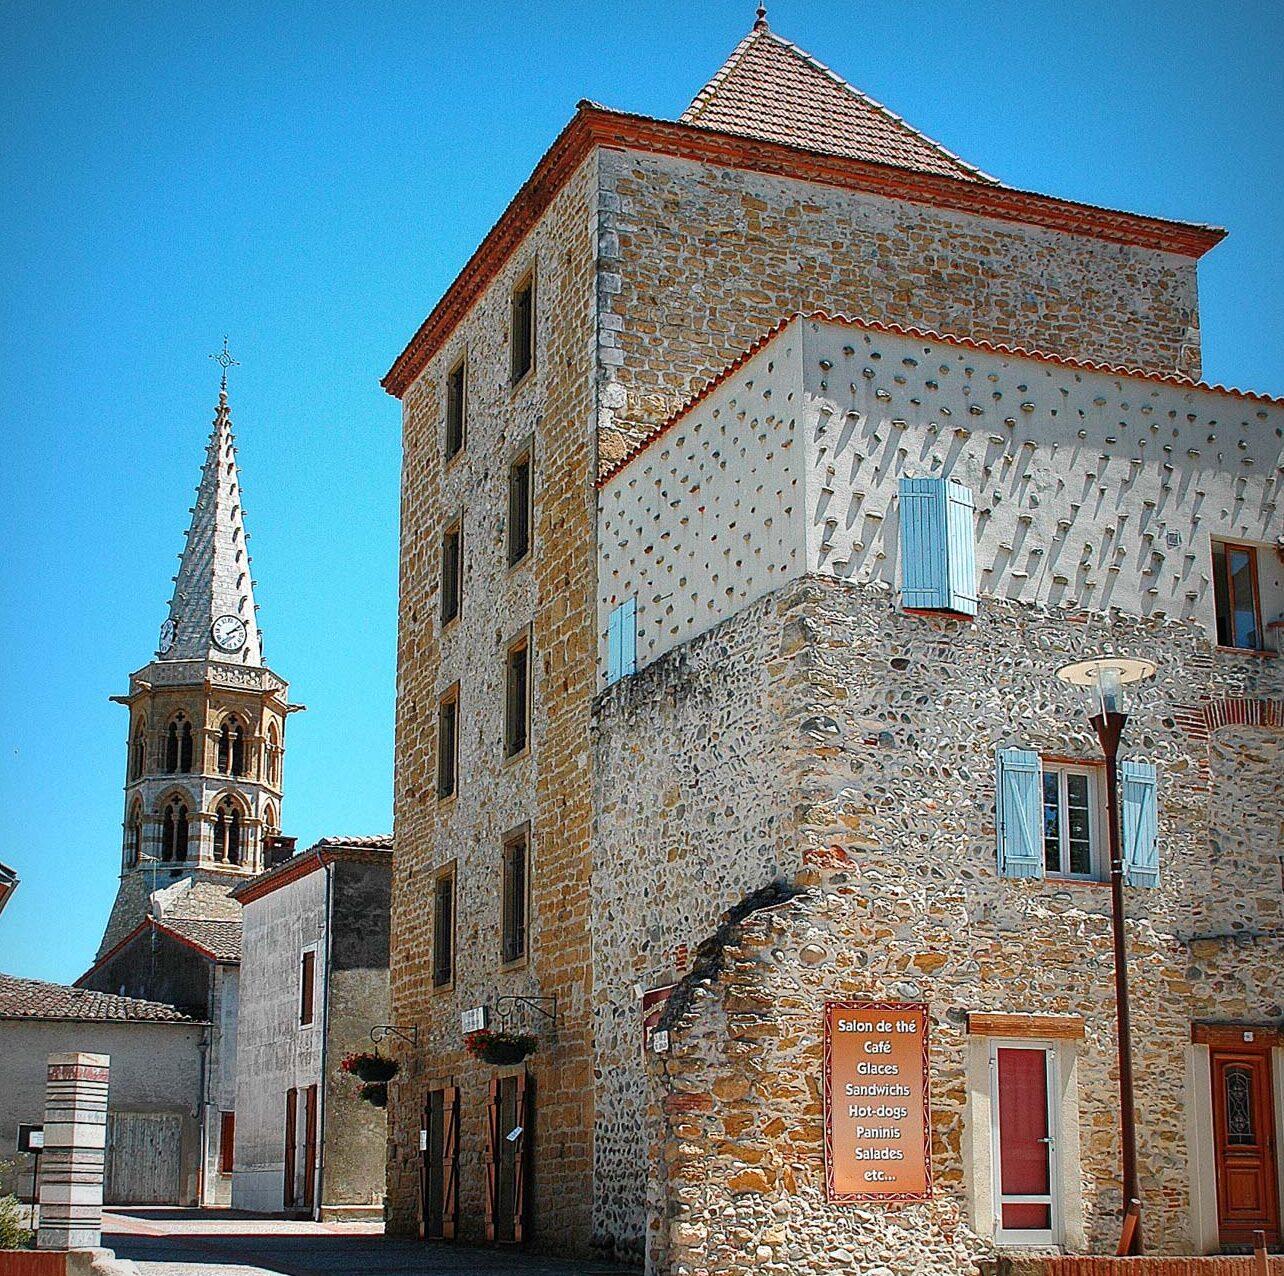 Musée archéologique de Martres-Tolosane